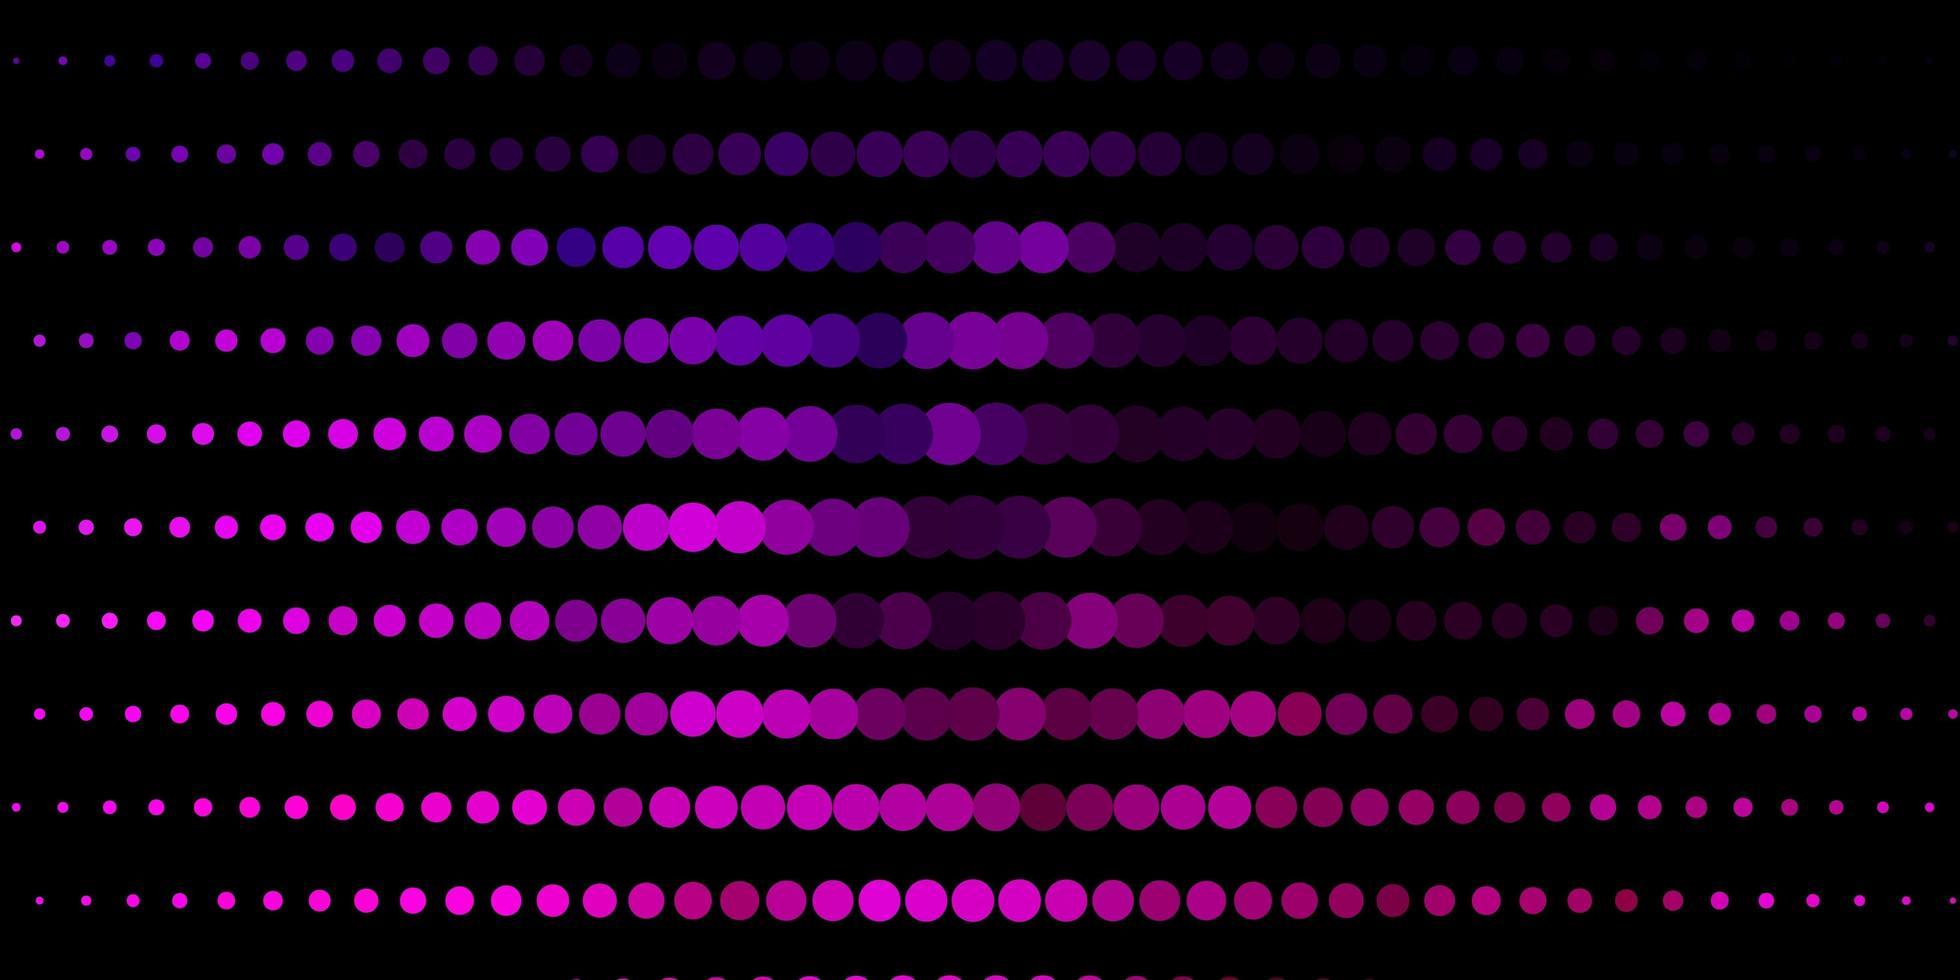 dunkelvioletter, rosa Vektorhintergrund mit Punkten. vektor